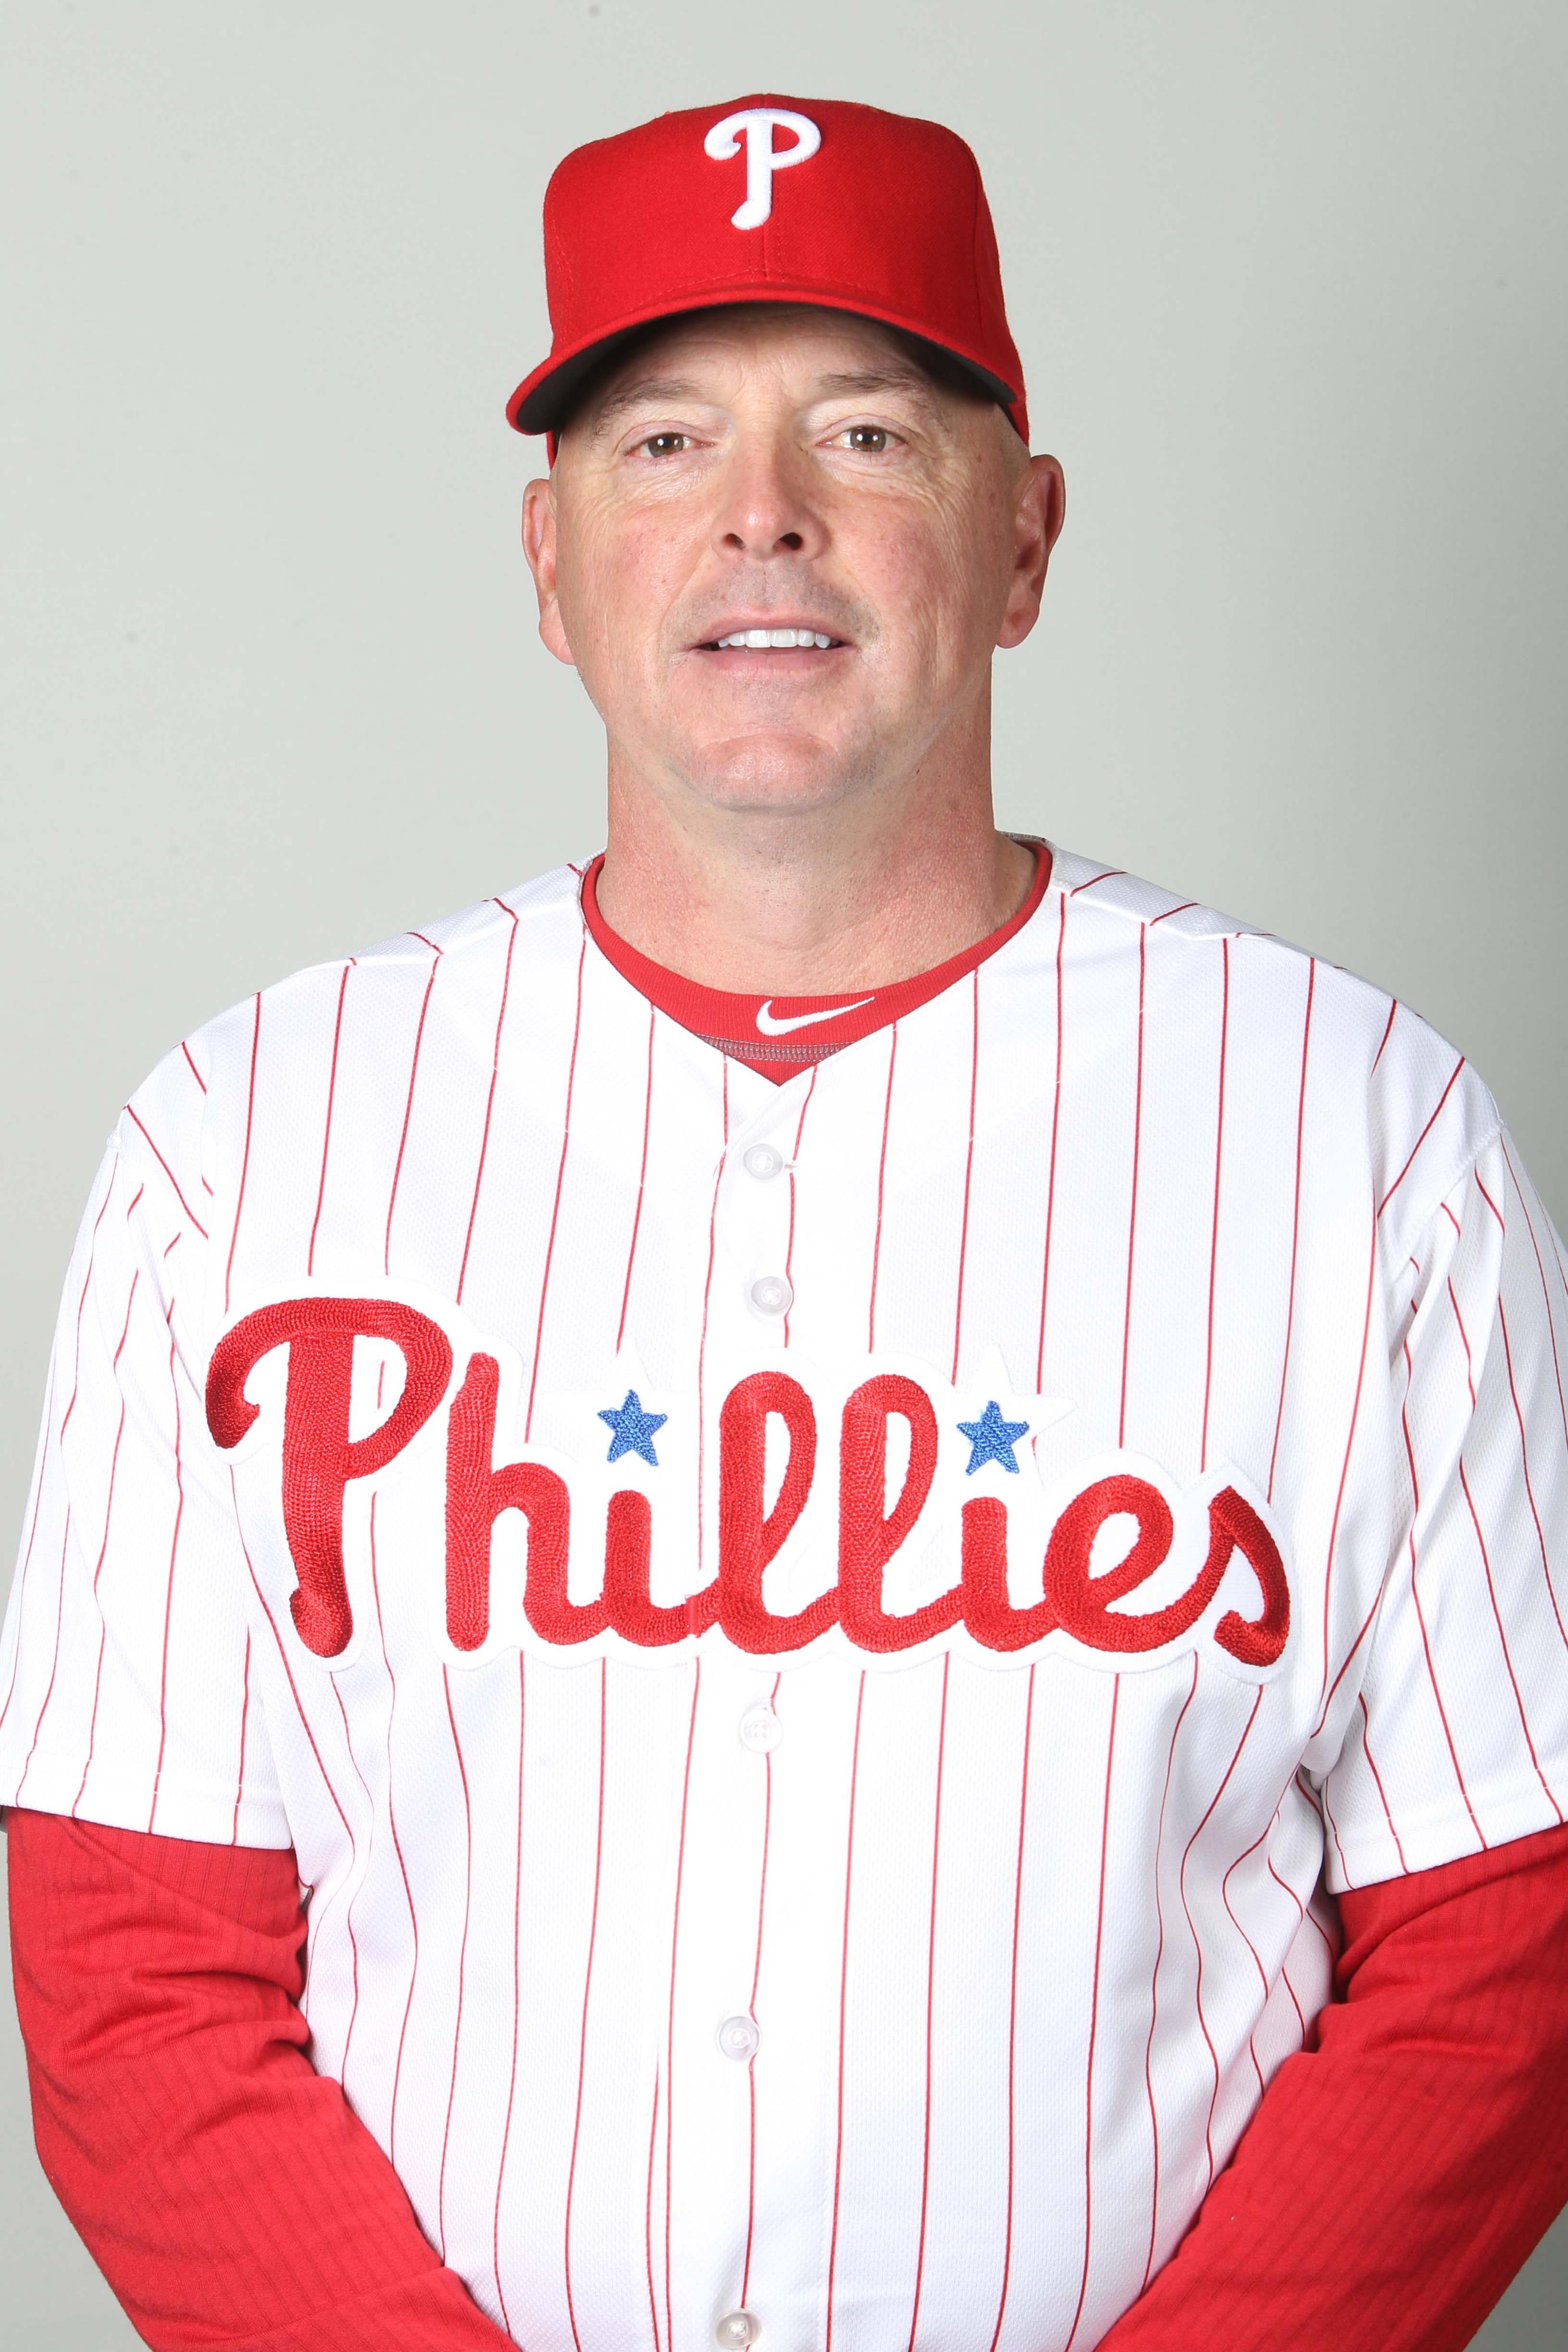 Wally at age 50.